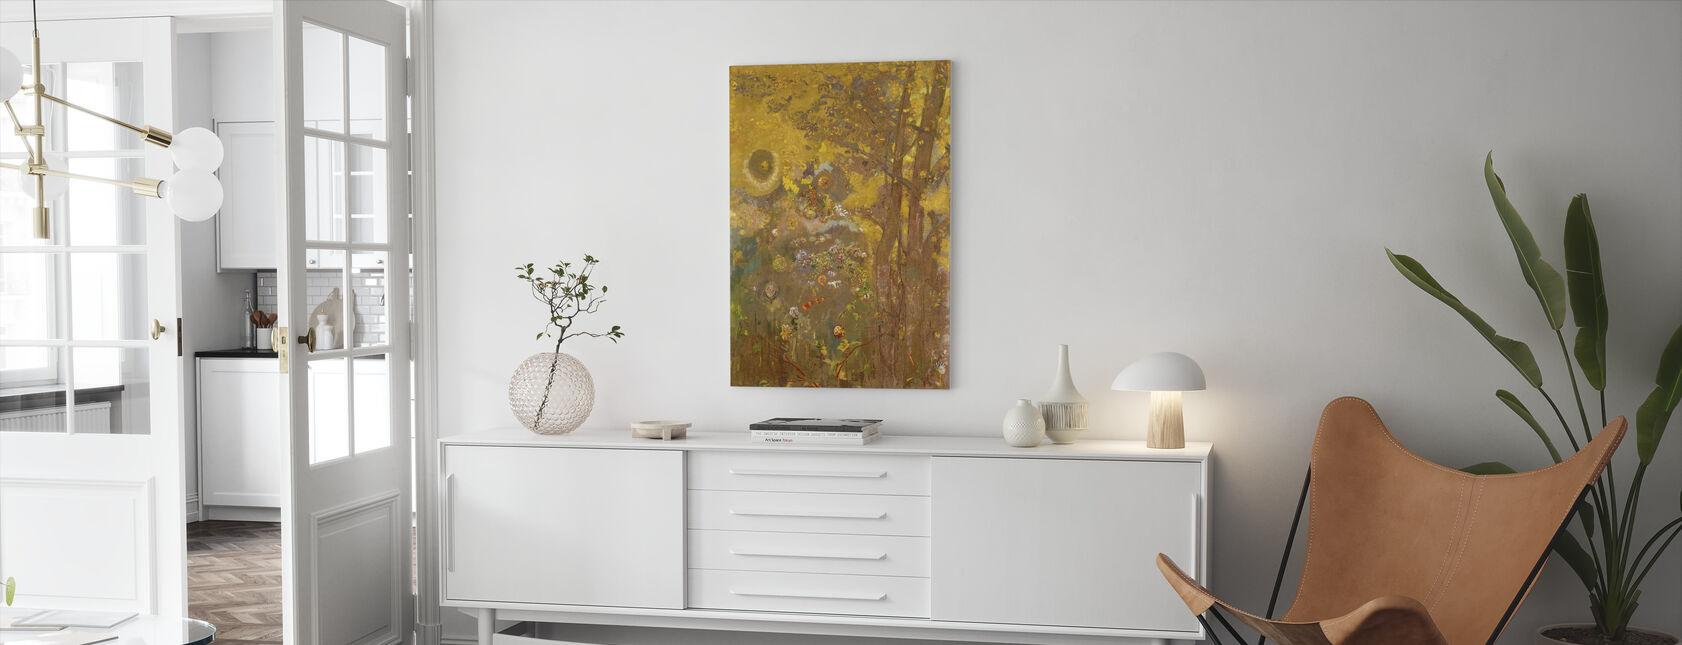 Bomen op een gele achtergrond - Redon - Canvas print - Woonkamer